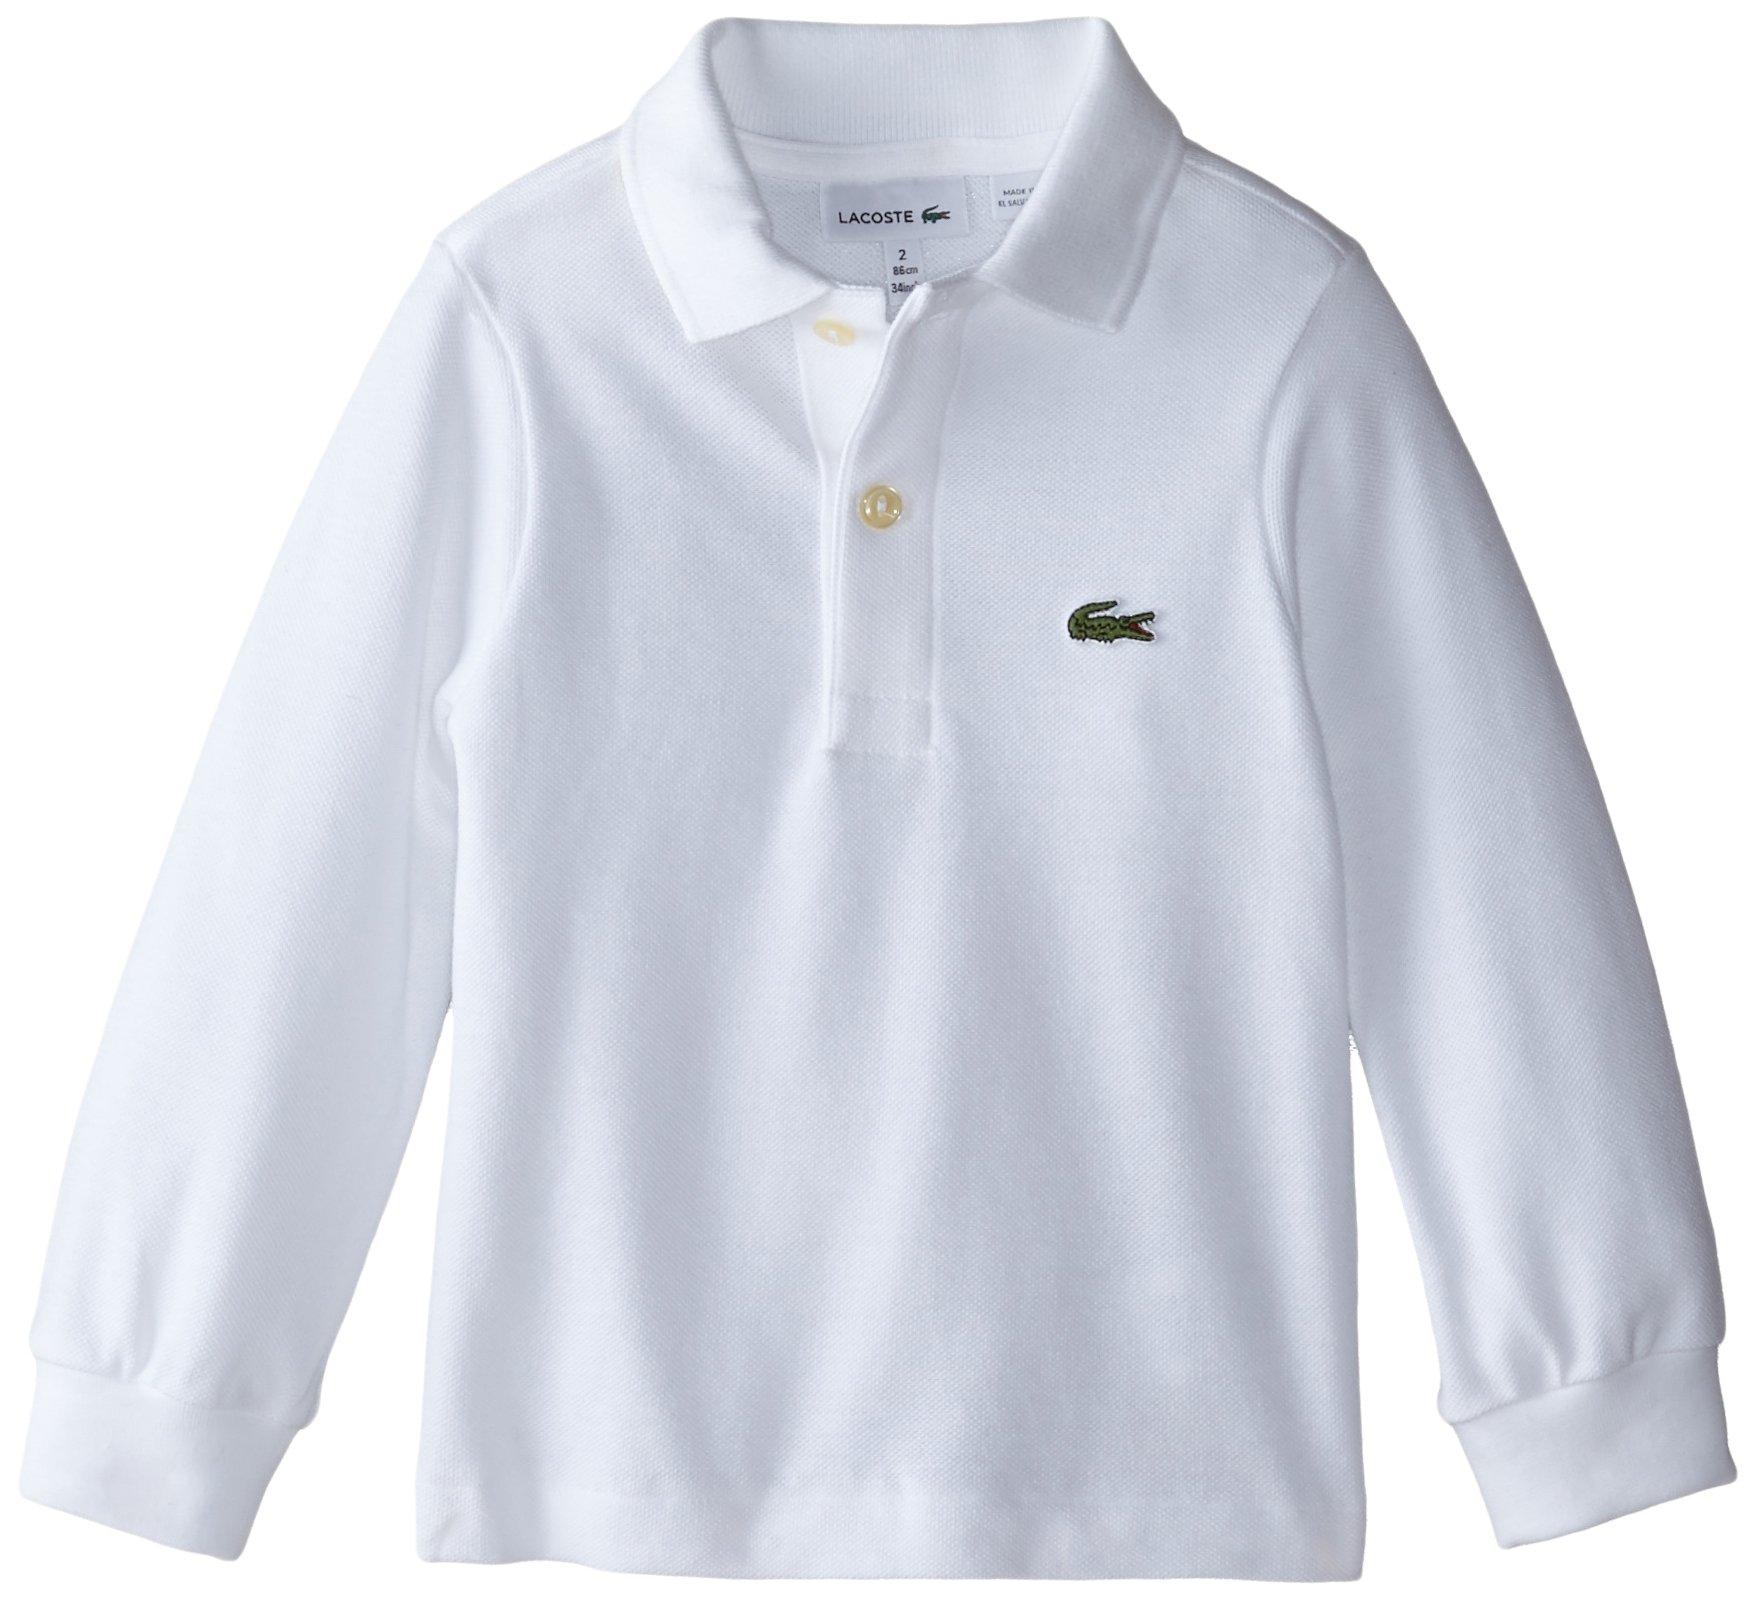 Galleon lacoste big boys 39 long sleeve classic pique polo for Boys lacoste polo shirt